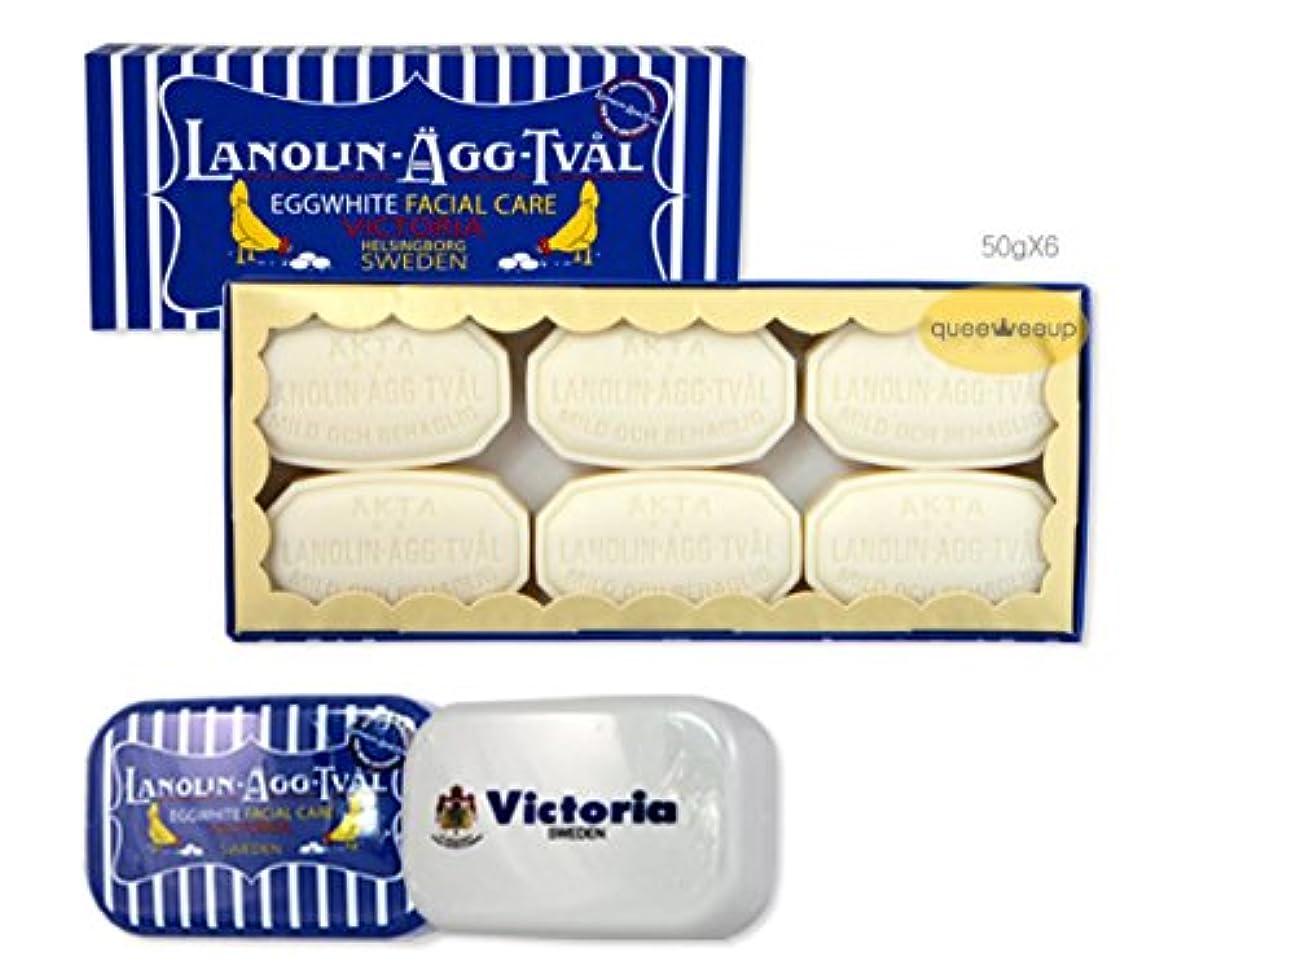 引退した非難する千Victoria (ヴィクトリア) ニュースウェーデンエッグパックソープ 50g×6個 + ケース NEW Sweden Egg Pack